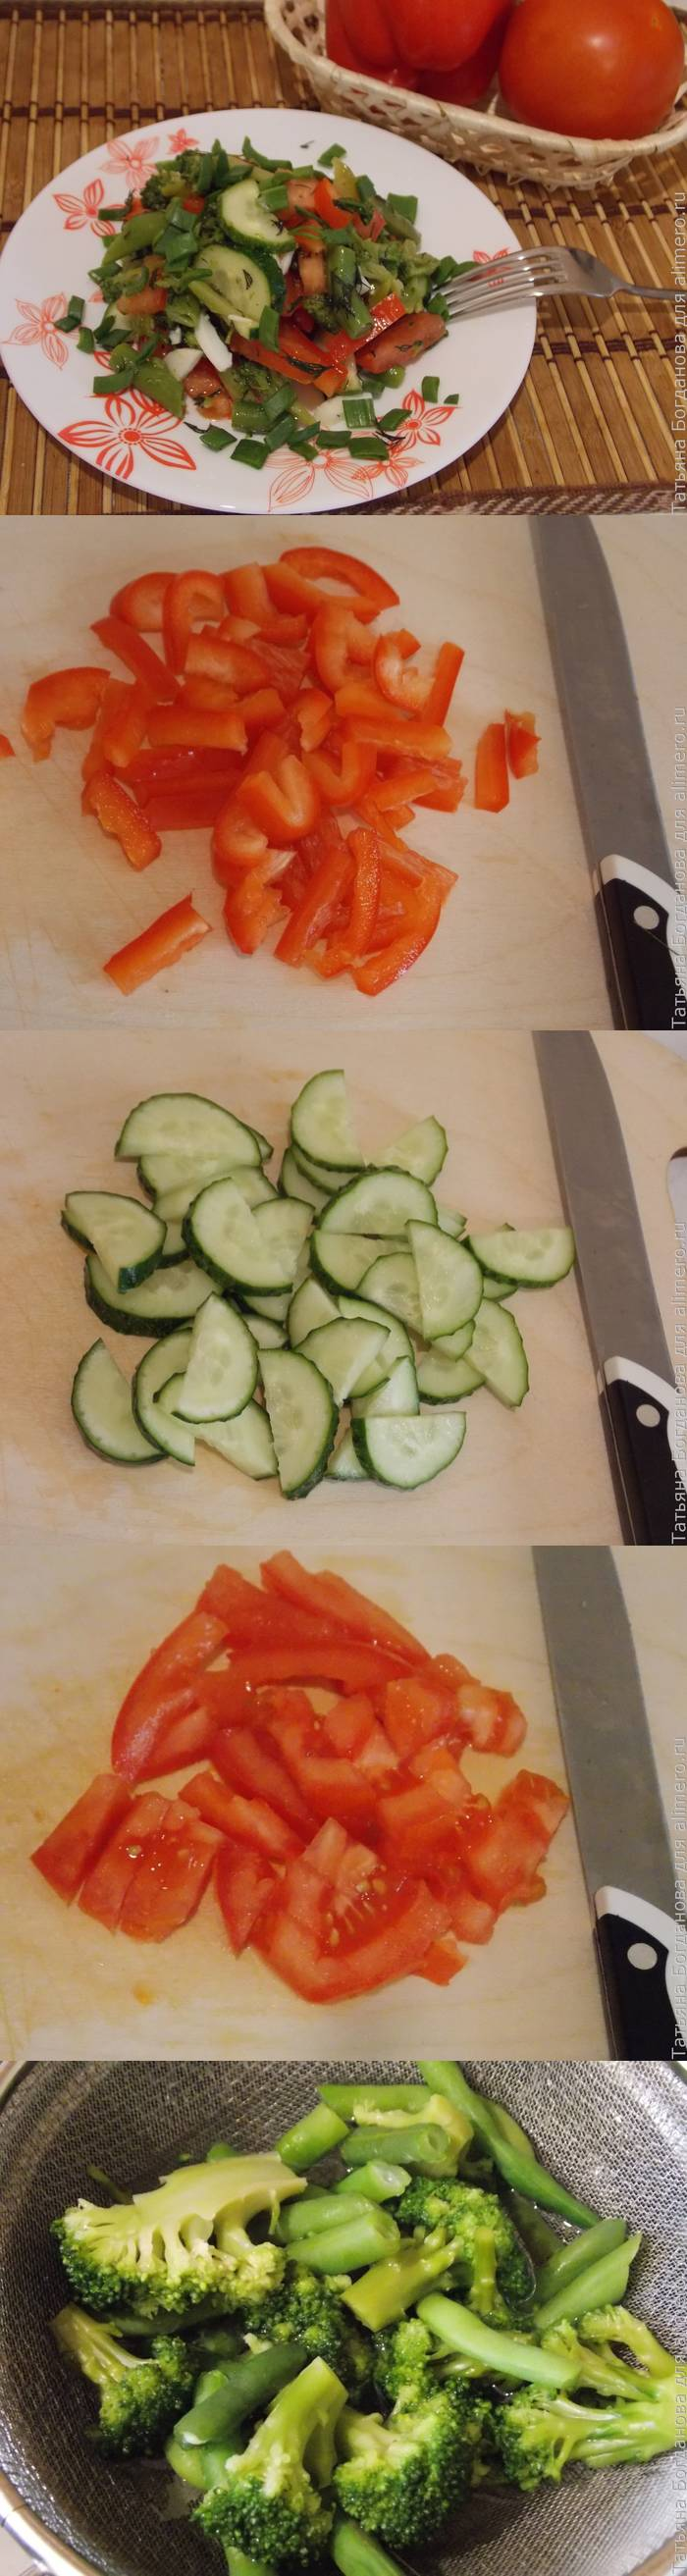 Овощной салат с болгарским перцем